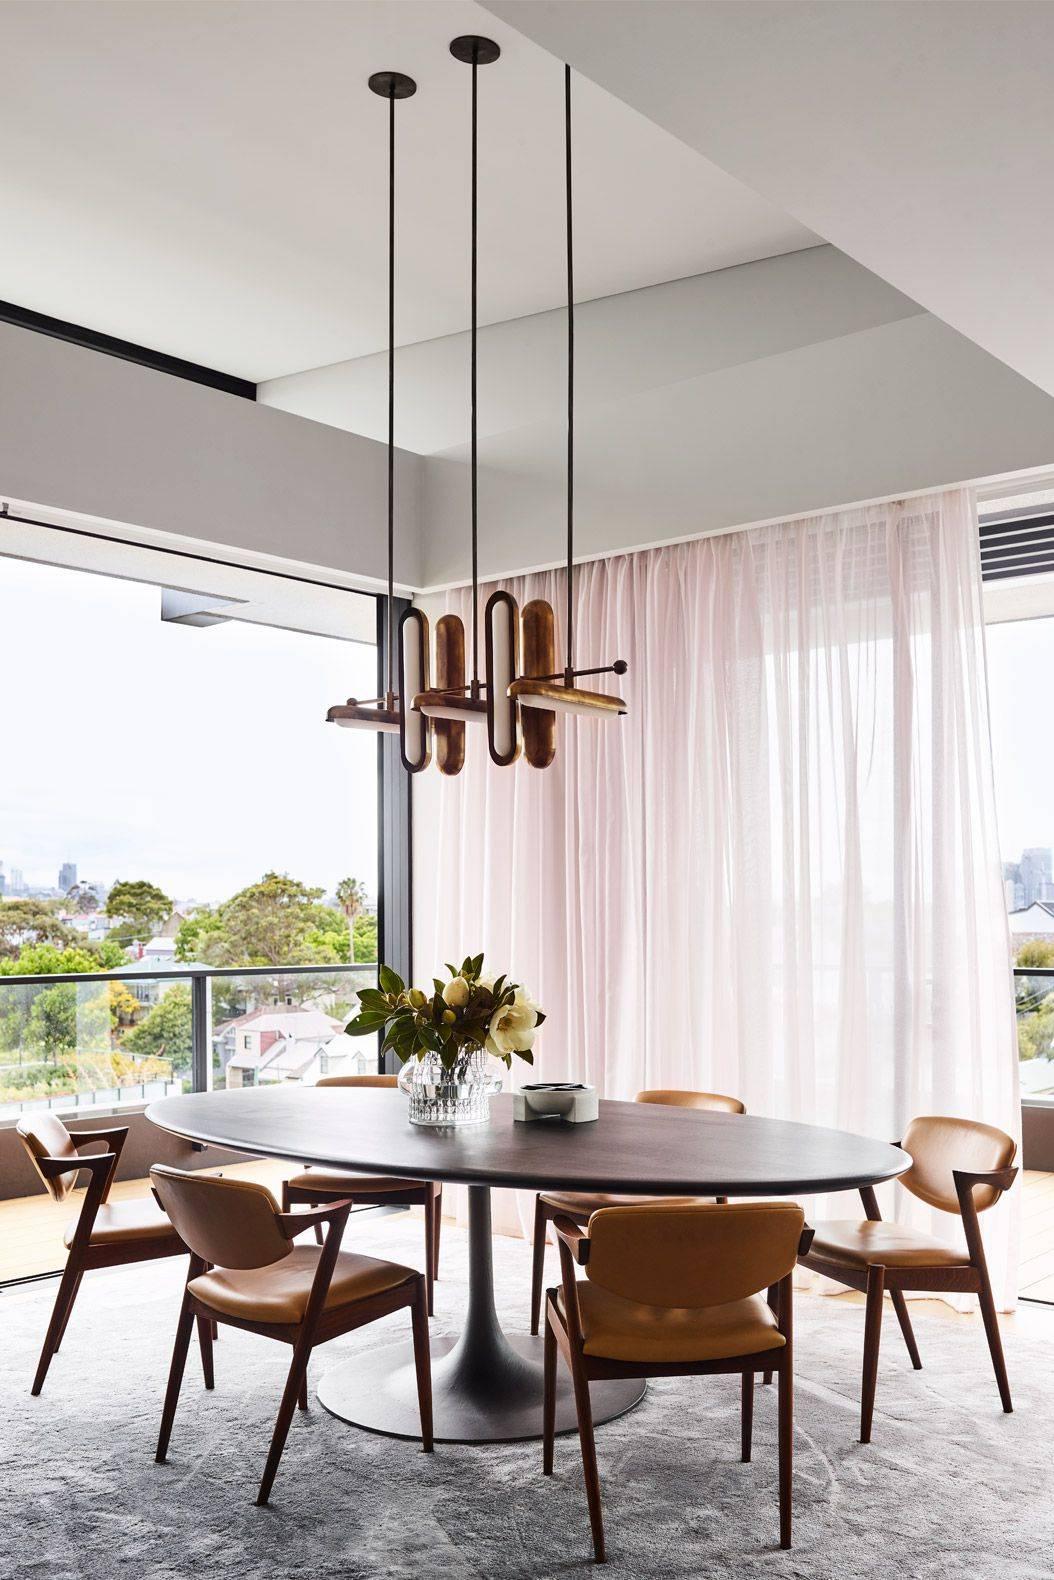 Как правильно подобрать белые шторы для разных интерьеров, особенности стилевых решений для красивого дизайна - 45 фото